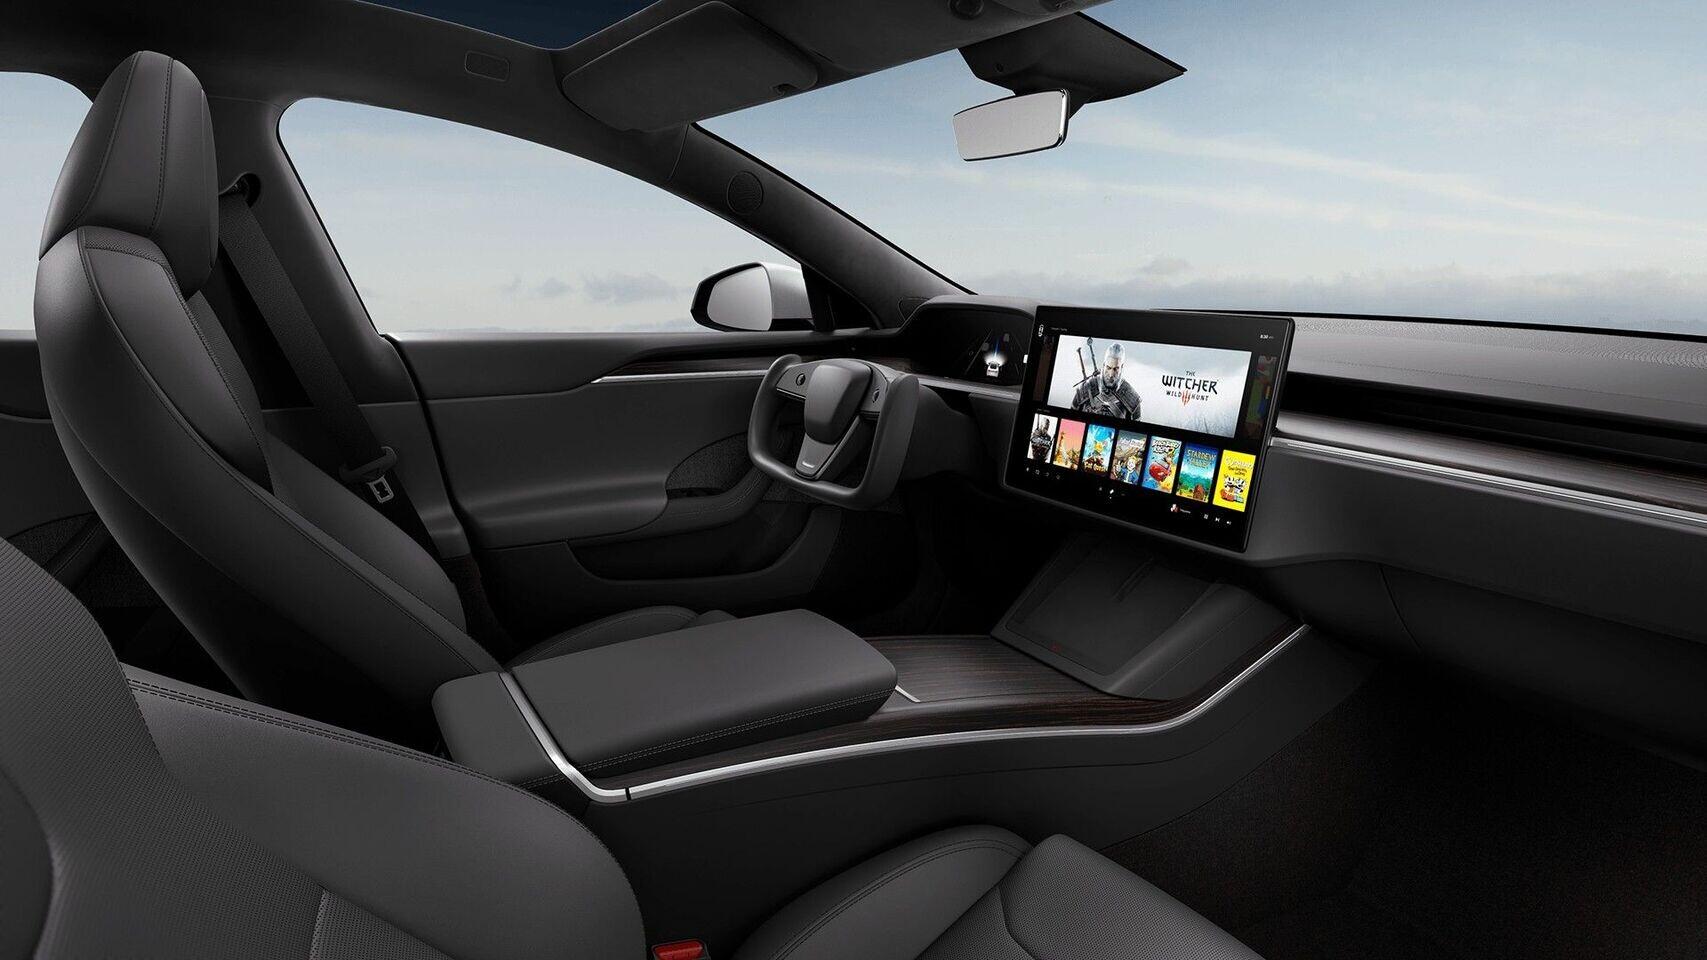 رونمایی از نسخه بهروز شده اتومبیل Tesla Model S | شتاب صفر تا صد در کمتر از 2 ثانیه با قیمت 80 هزار دلار!